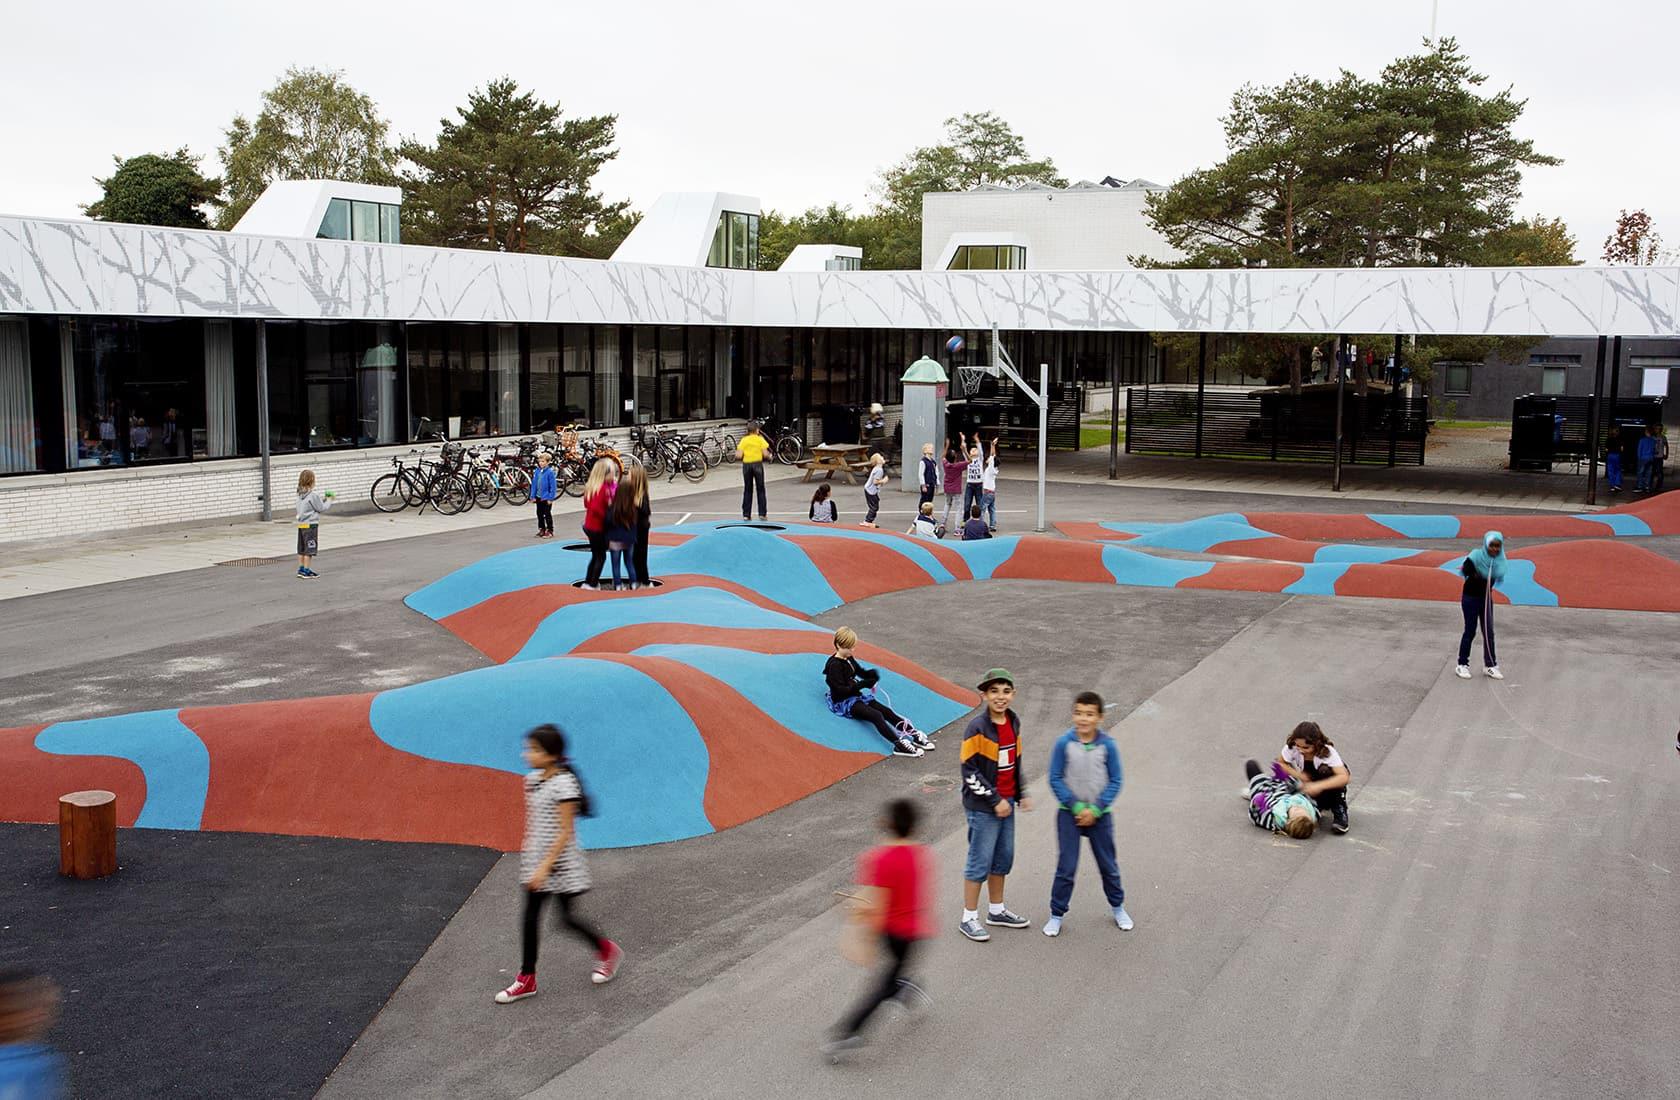 Dyvekeskolen skolegård